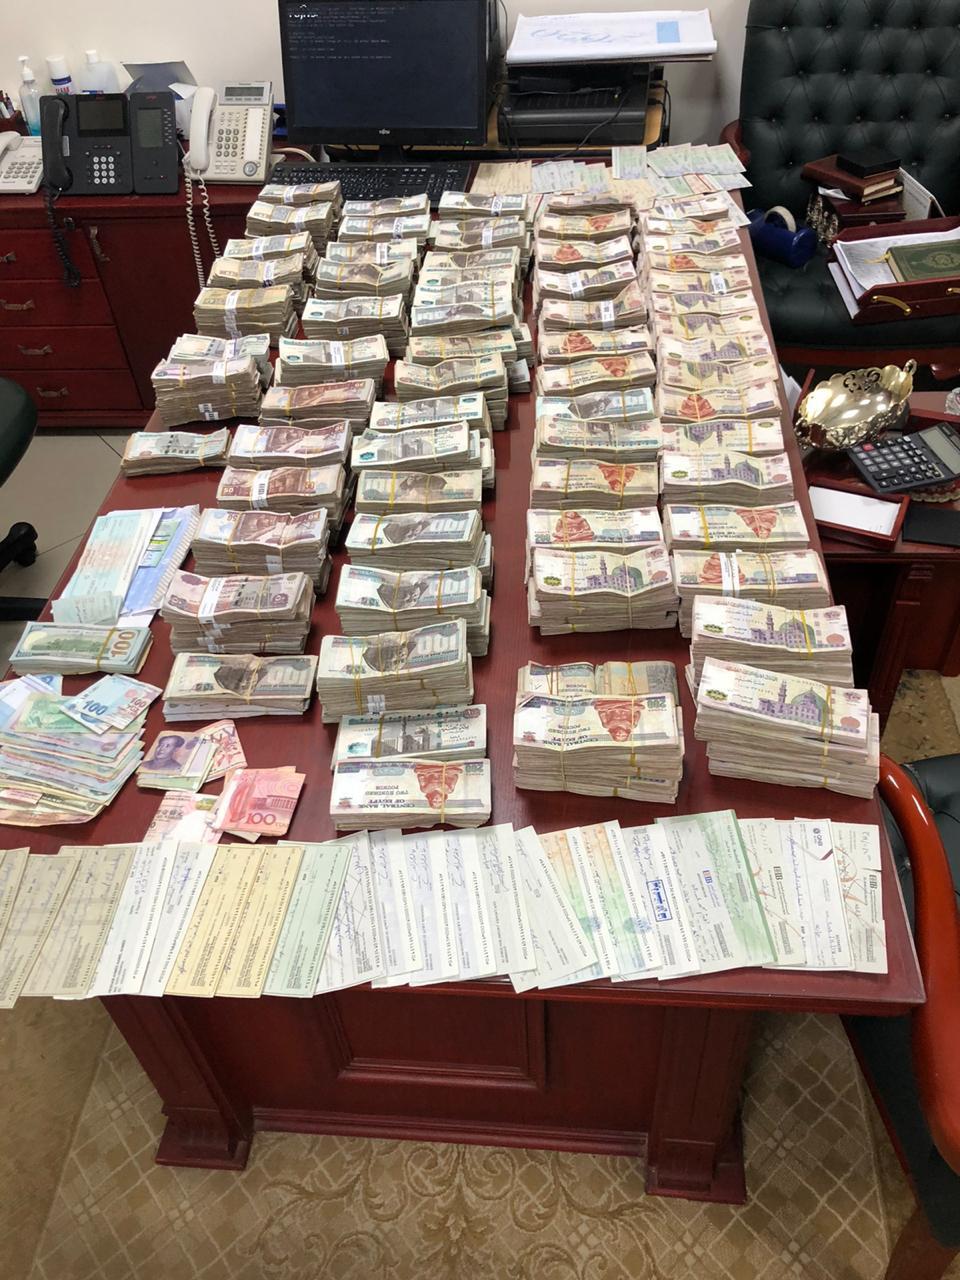 ضبط 5 عناصر إجرامية بتهمة غسل  15 مليون جنيه حصيلة تجارة المخدرات بالسويس  علاء ضبط 5 عناصر إجرامية بتهمة غسل  15 مليون جنيه حصيلة تجارة المخدرات بالسويس